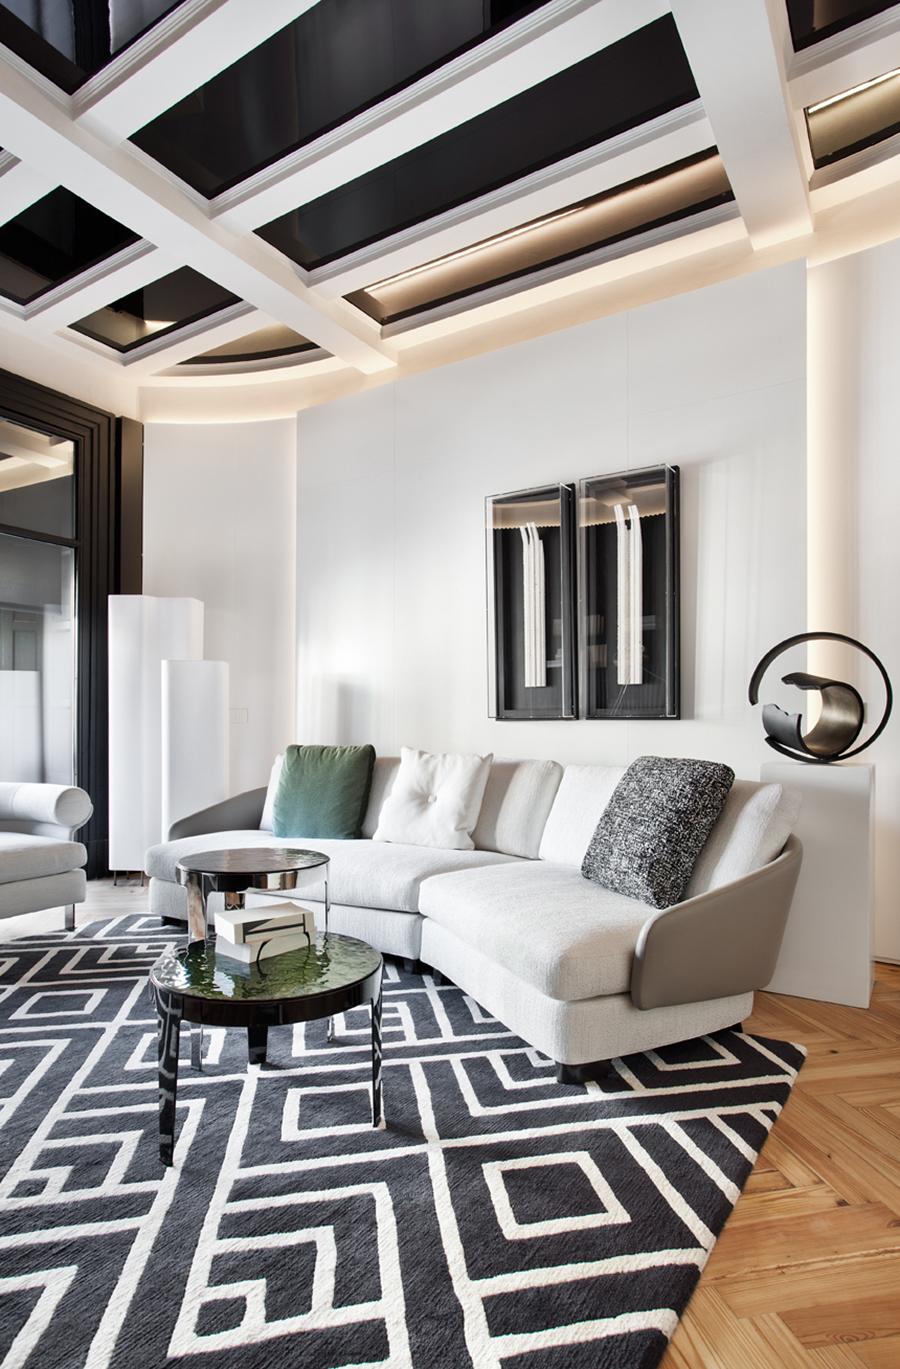 espacio amplio con sofá en gris claro y alfombra en blanco y negro. Detalles en verde y piezas decorativas artísticas